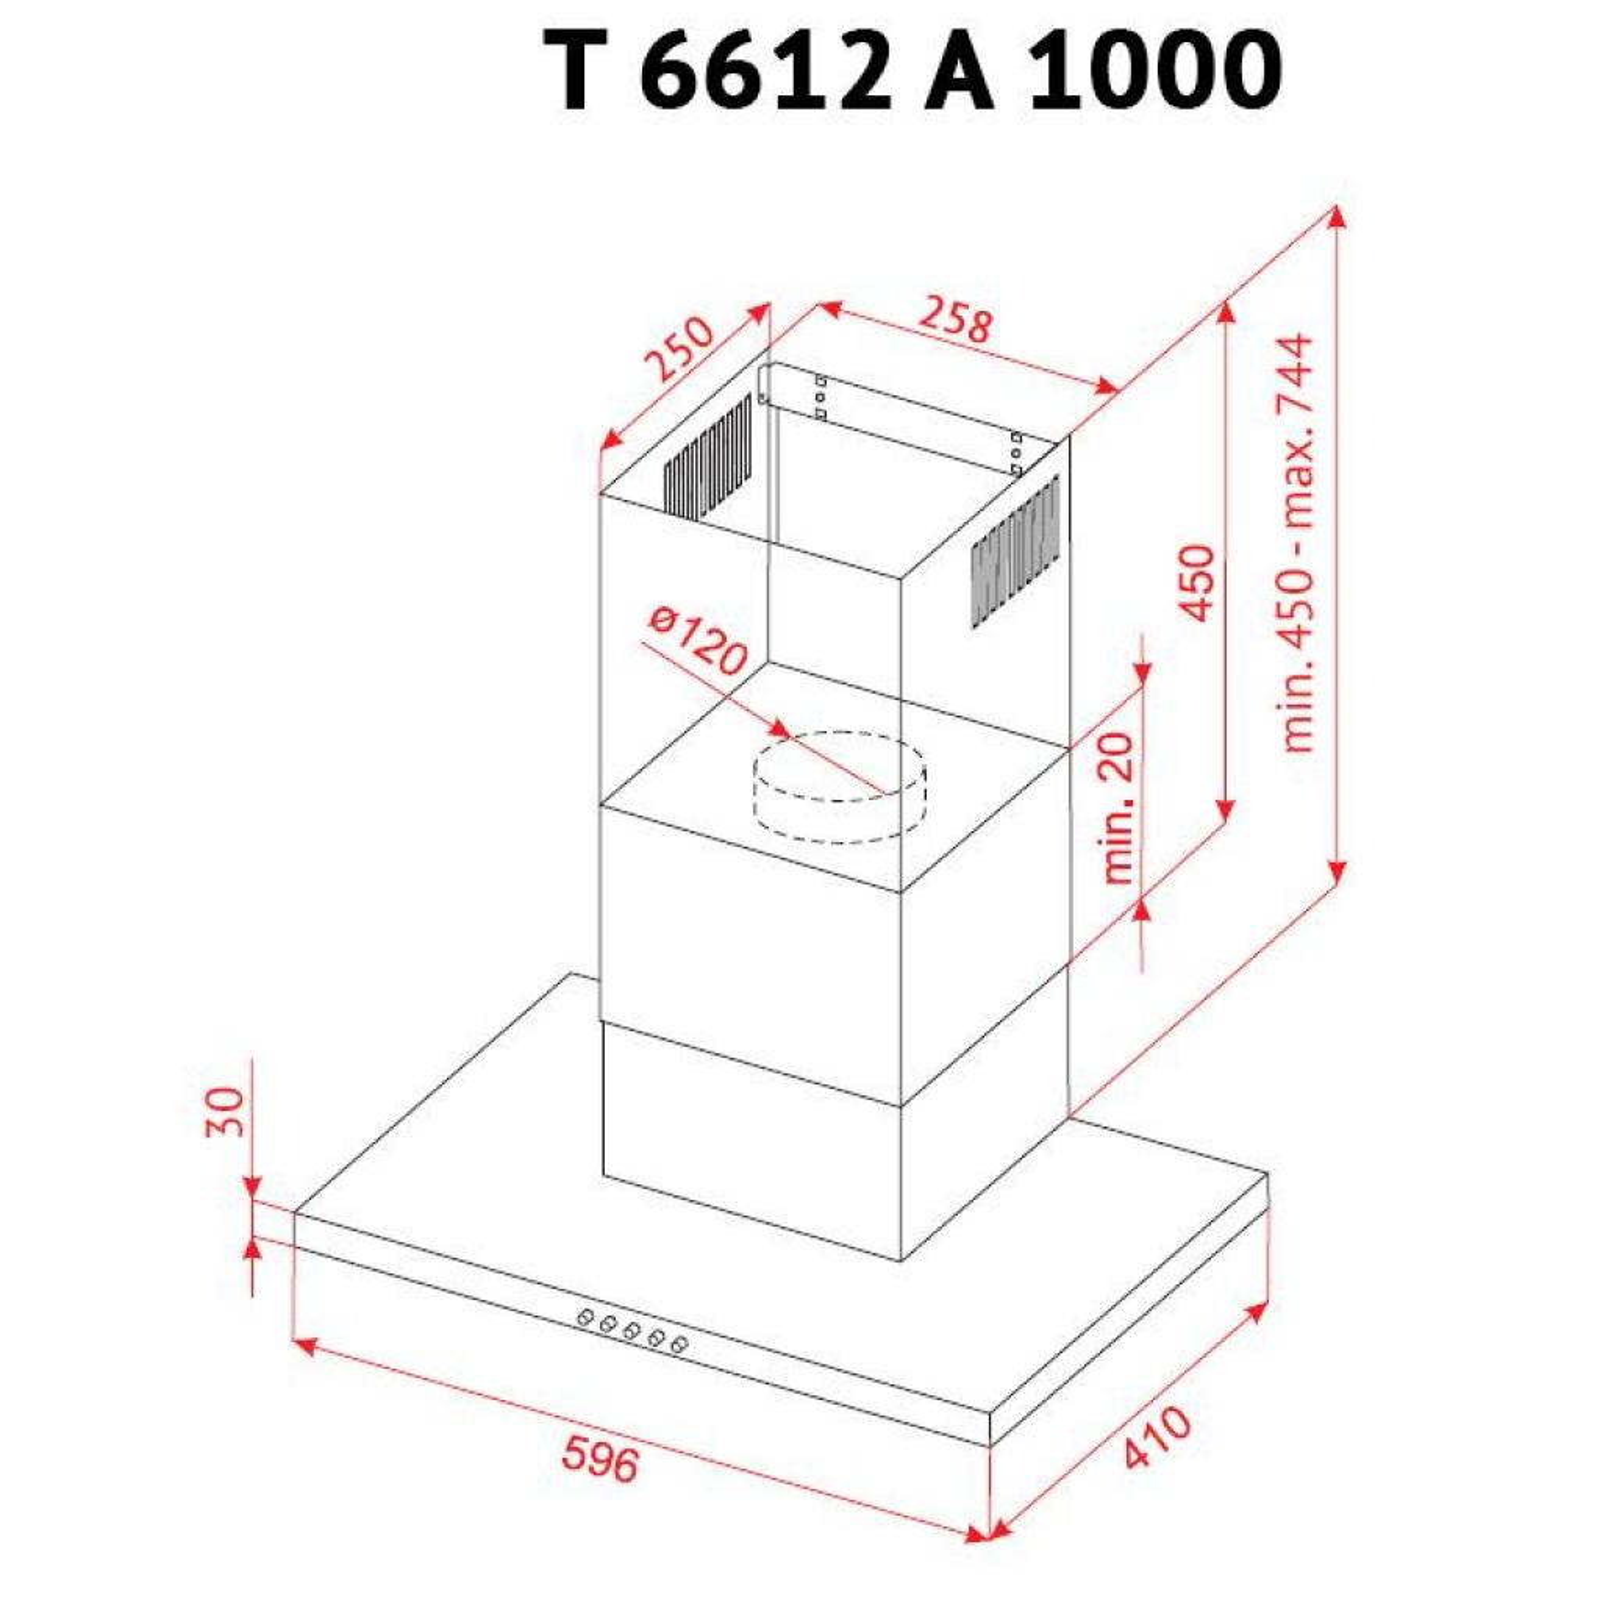 Вытяжка кухонная PERFELLI T 6612 A 1000 BL LED изображение 10